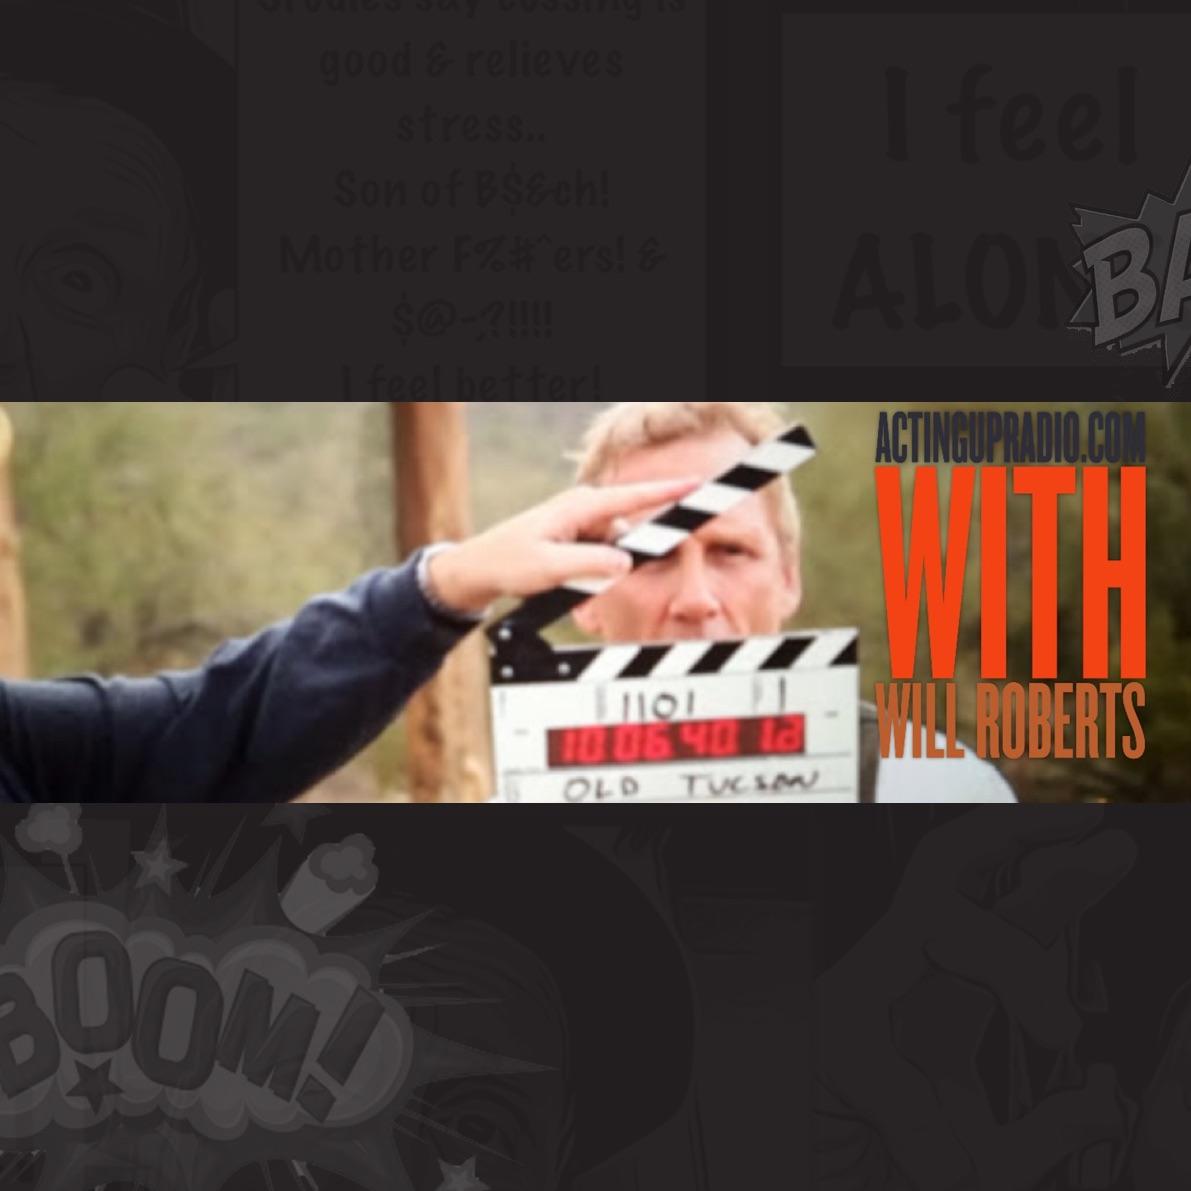 Weekly Actors Radio Broadcast. : This Week: Heidi Dean of Marketing4Actors.com.